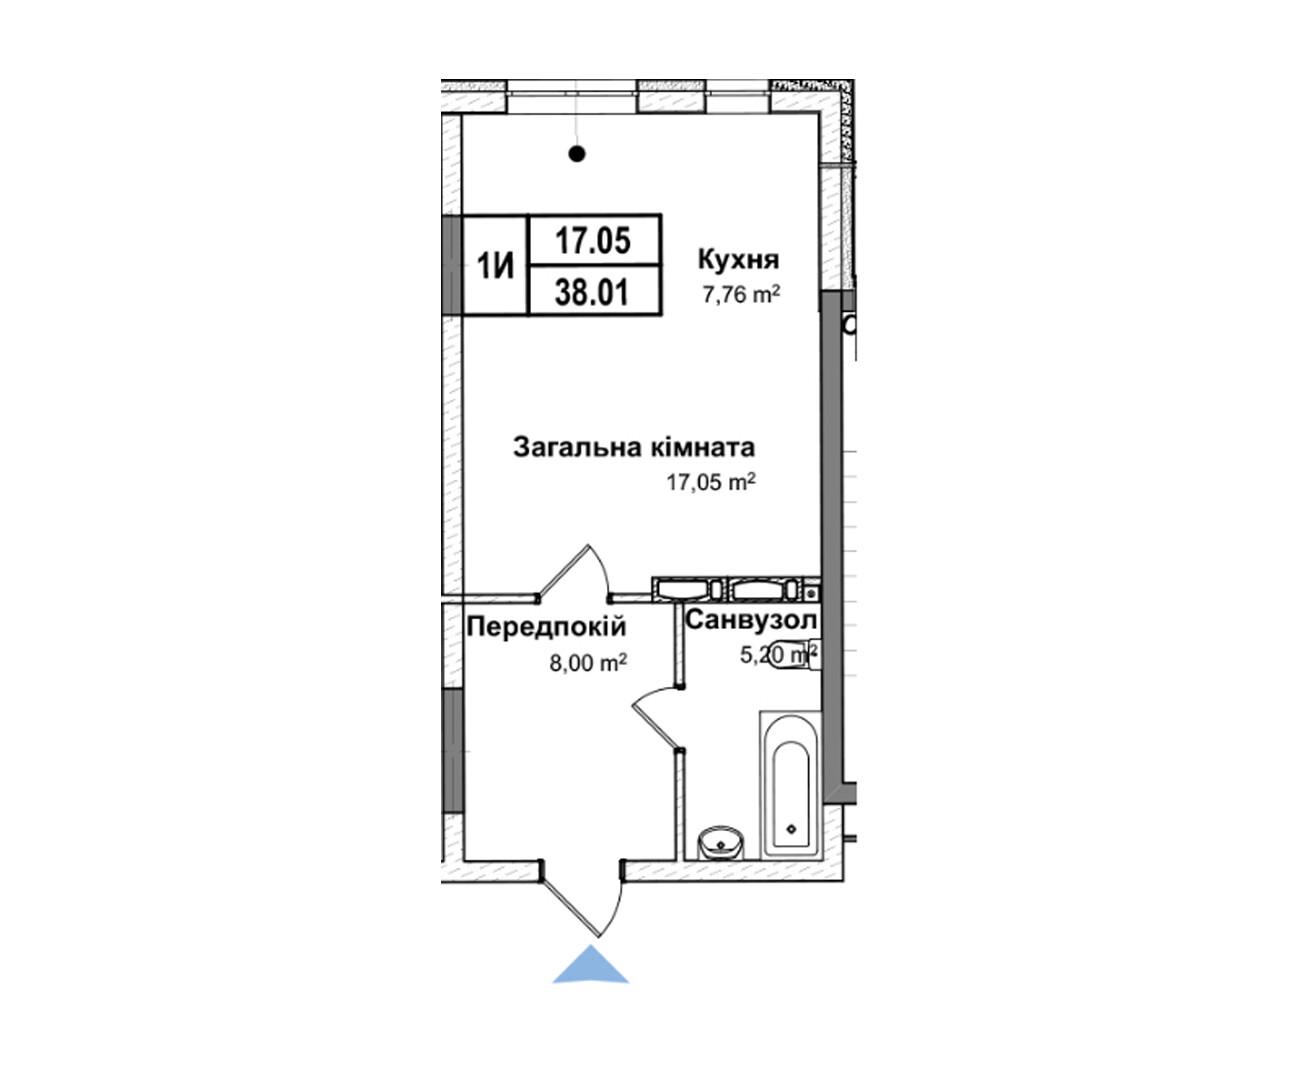 Секція 5 однокімнатна квартира 1и 38,01 м²